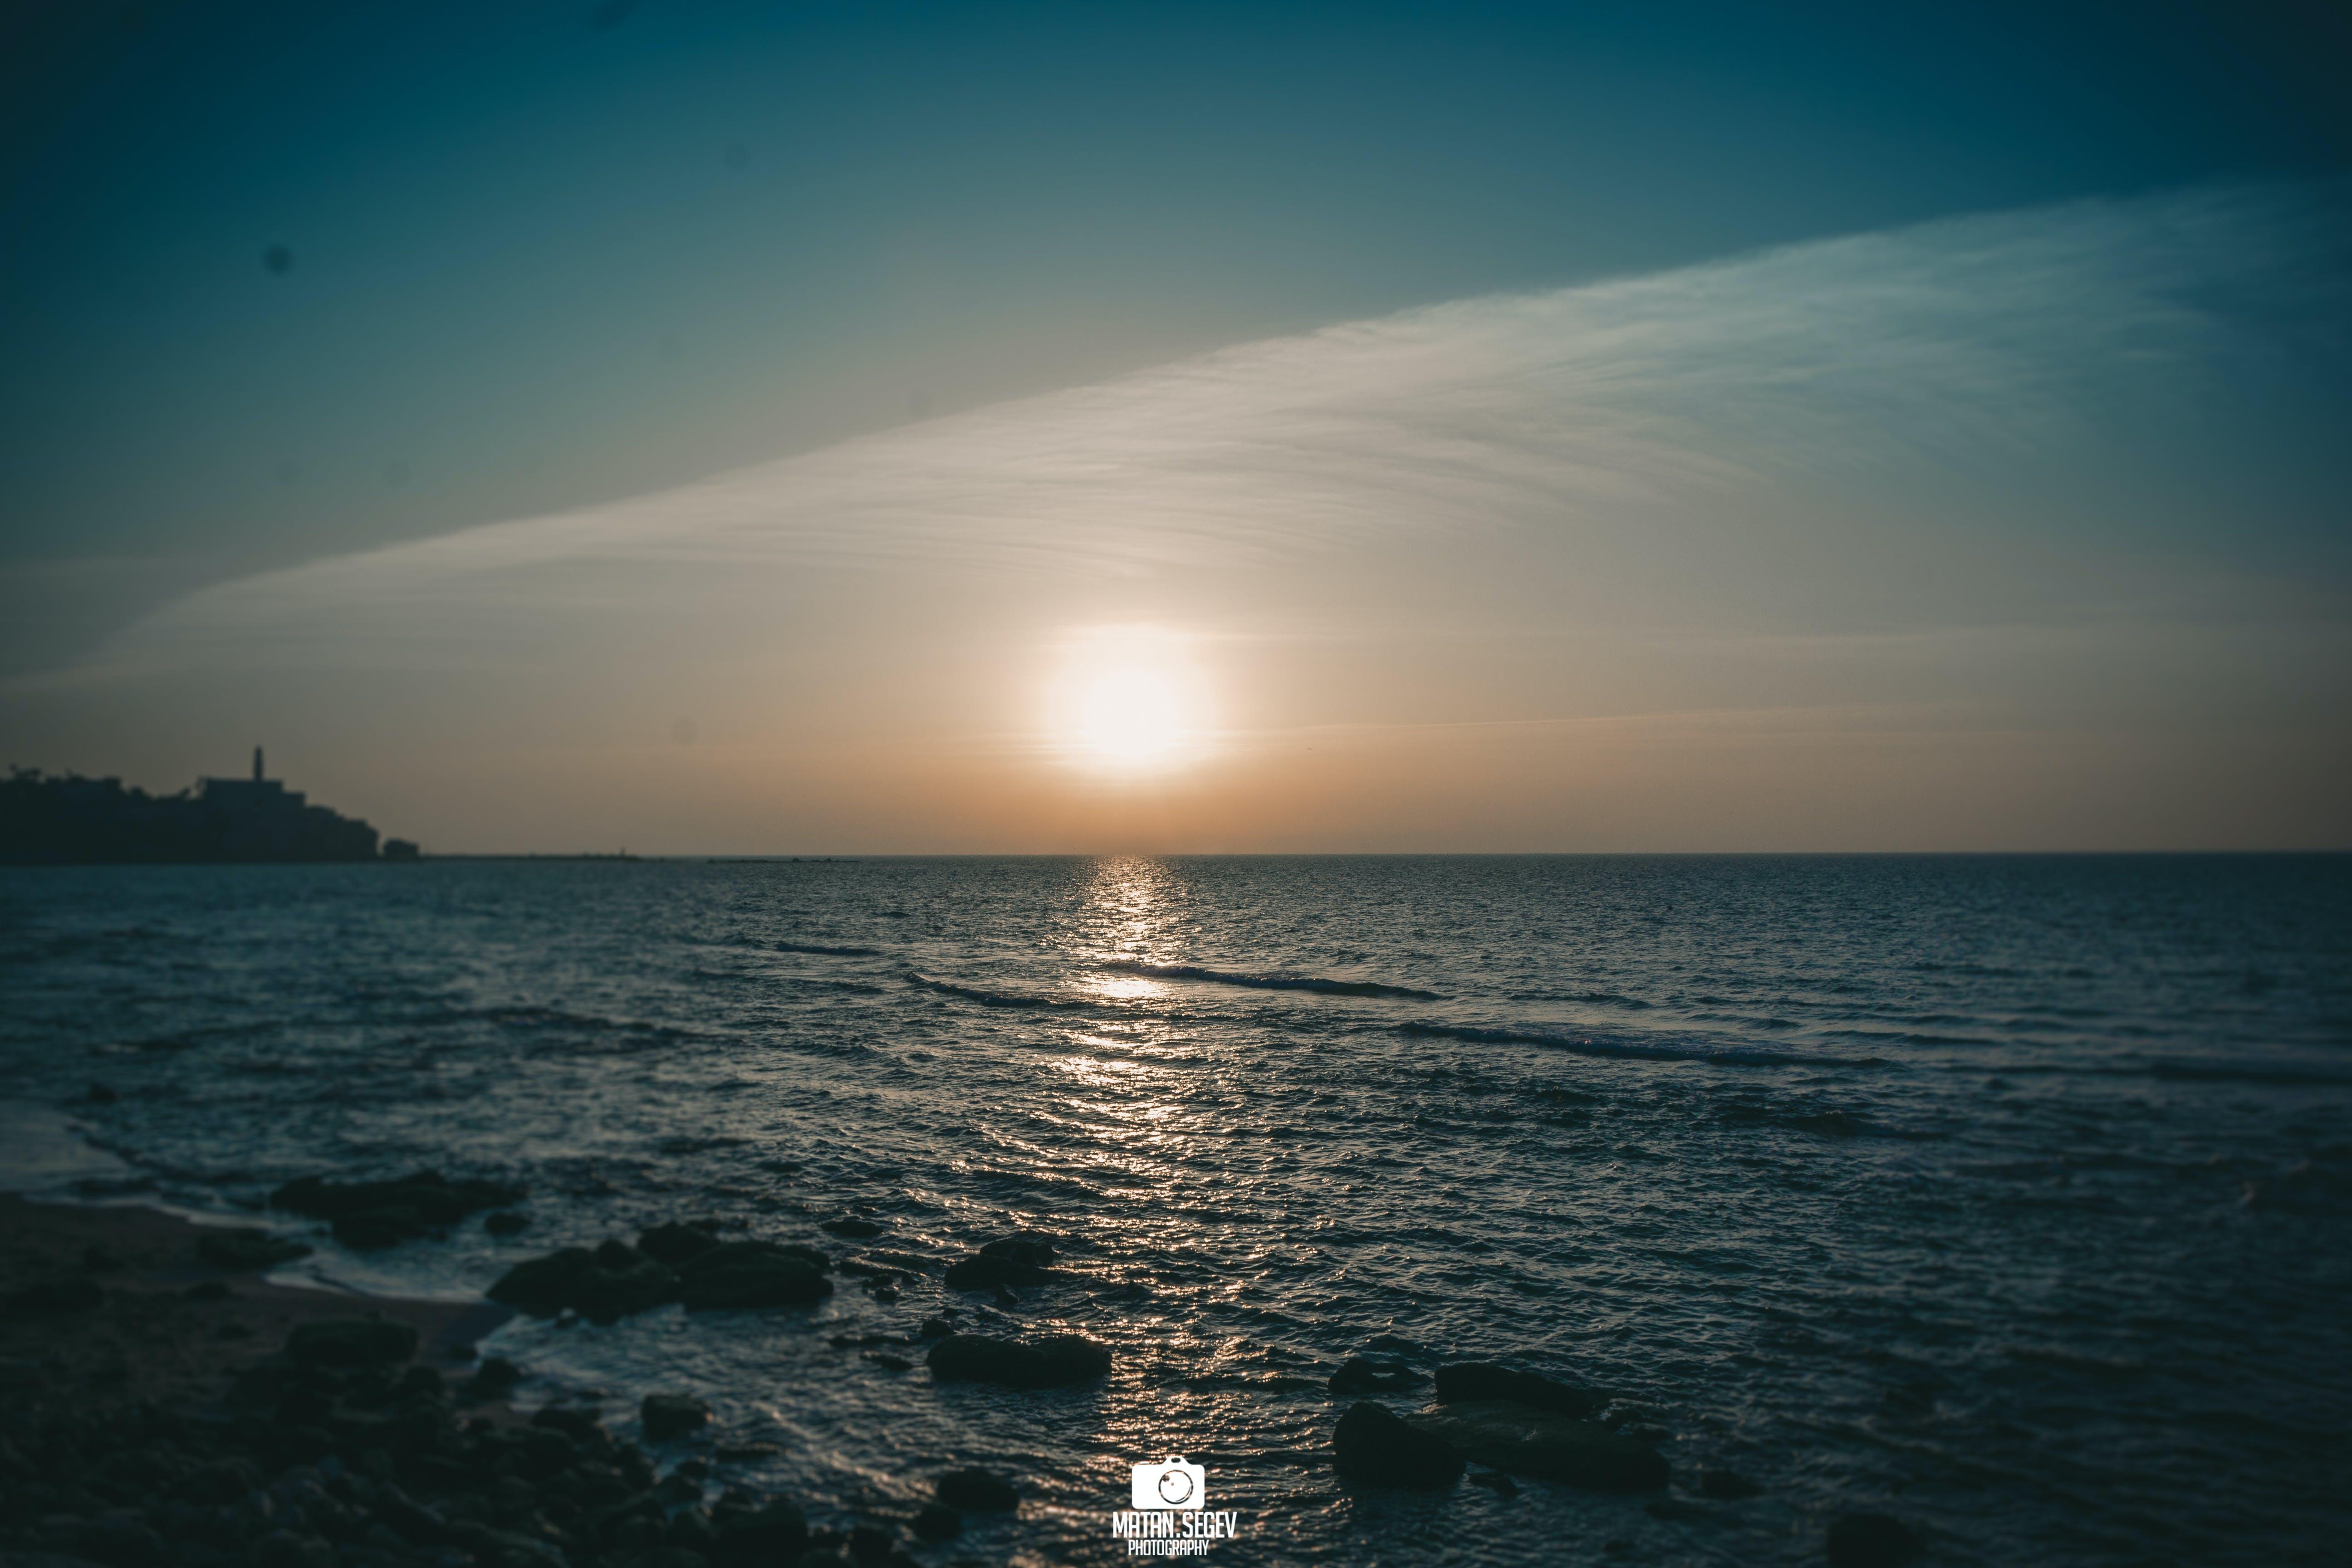 Gratis arkivbilde med flyfoto, gyllen sol, kveldssol, svartehavet